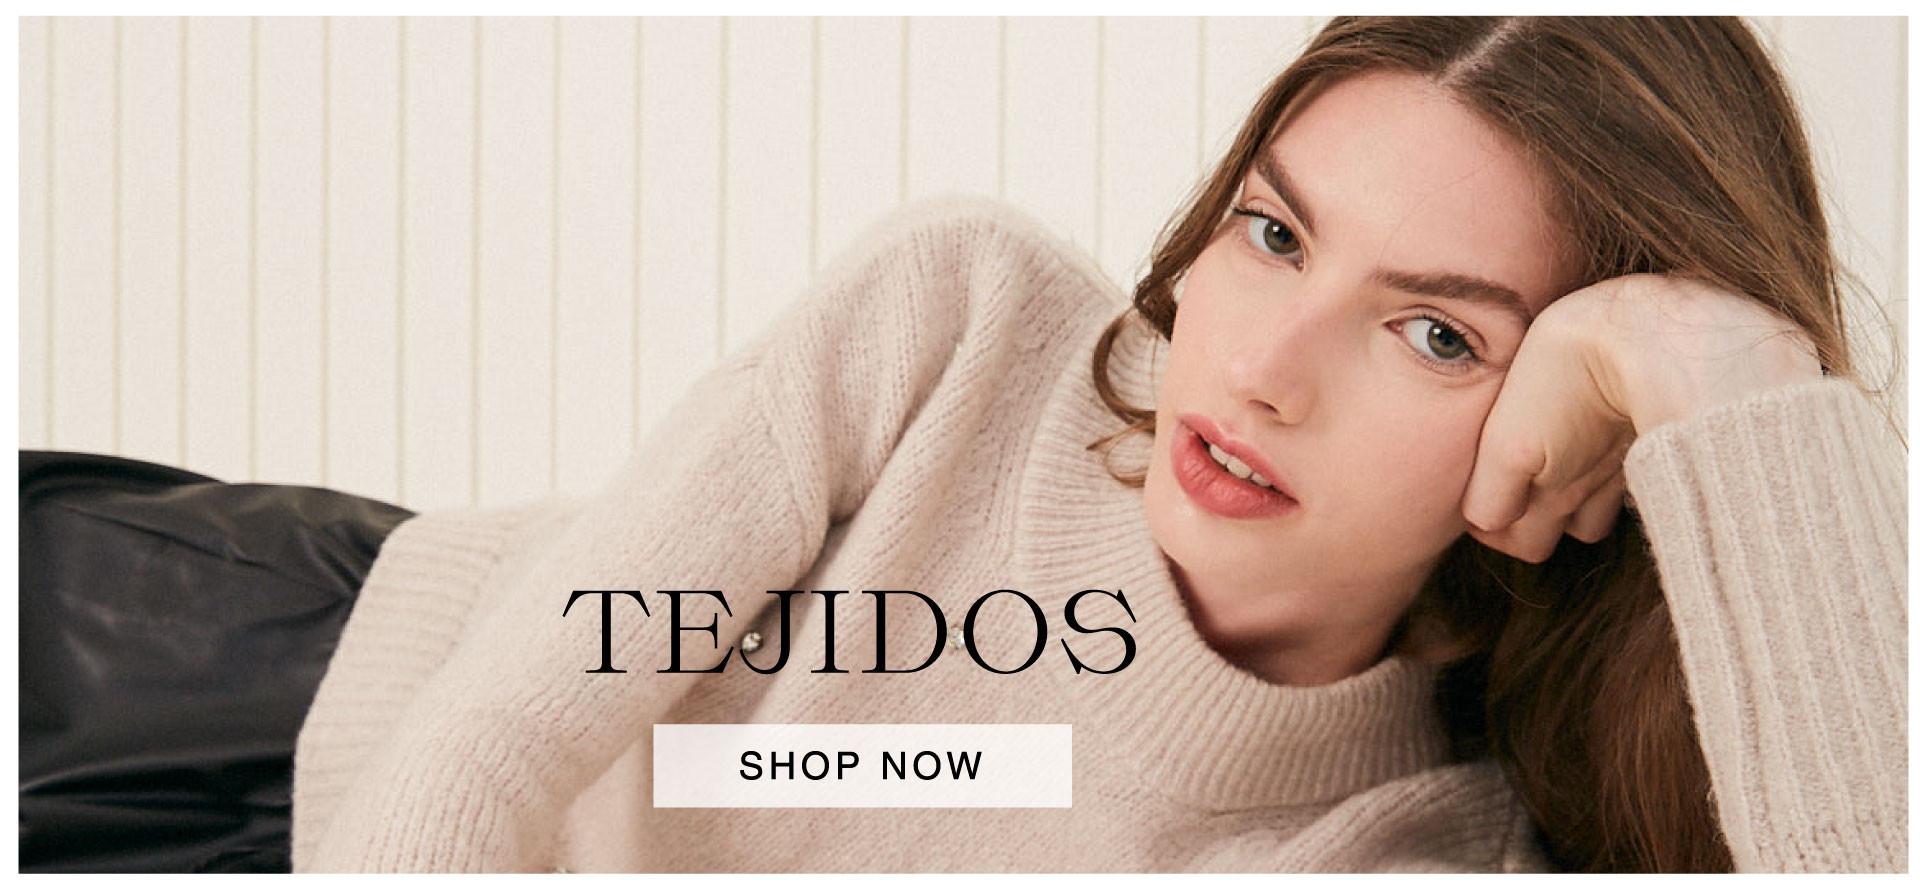 Tejidos - HomePage Desktop